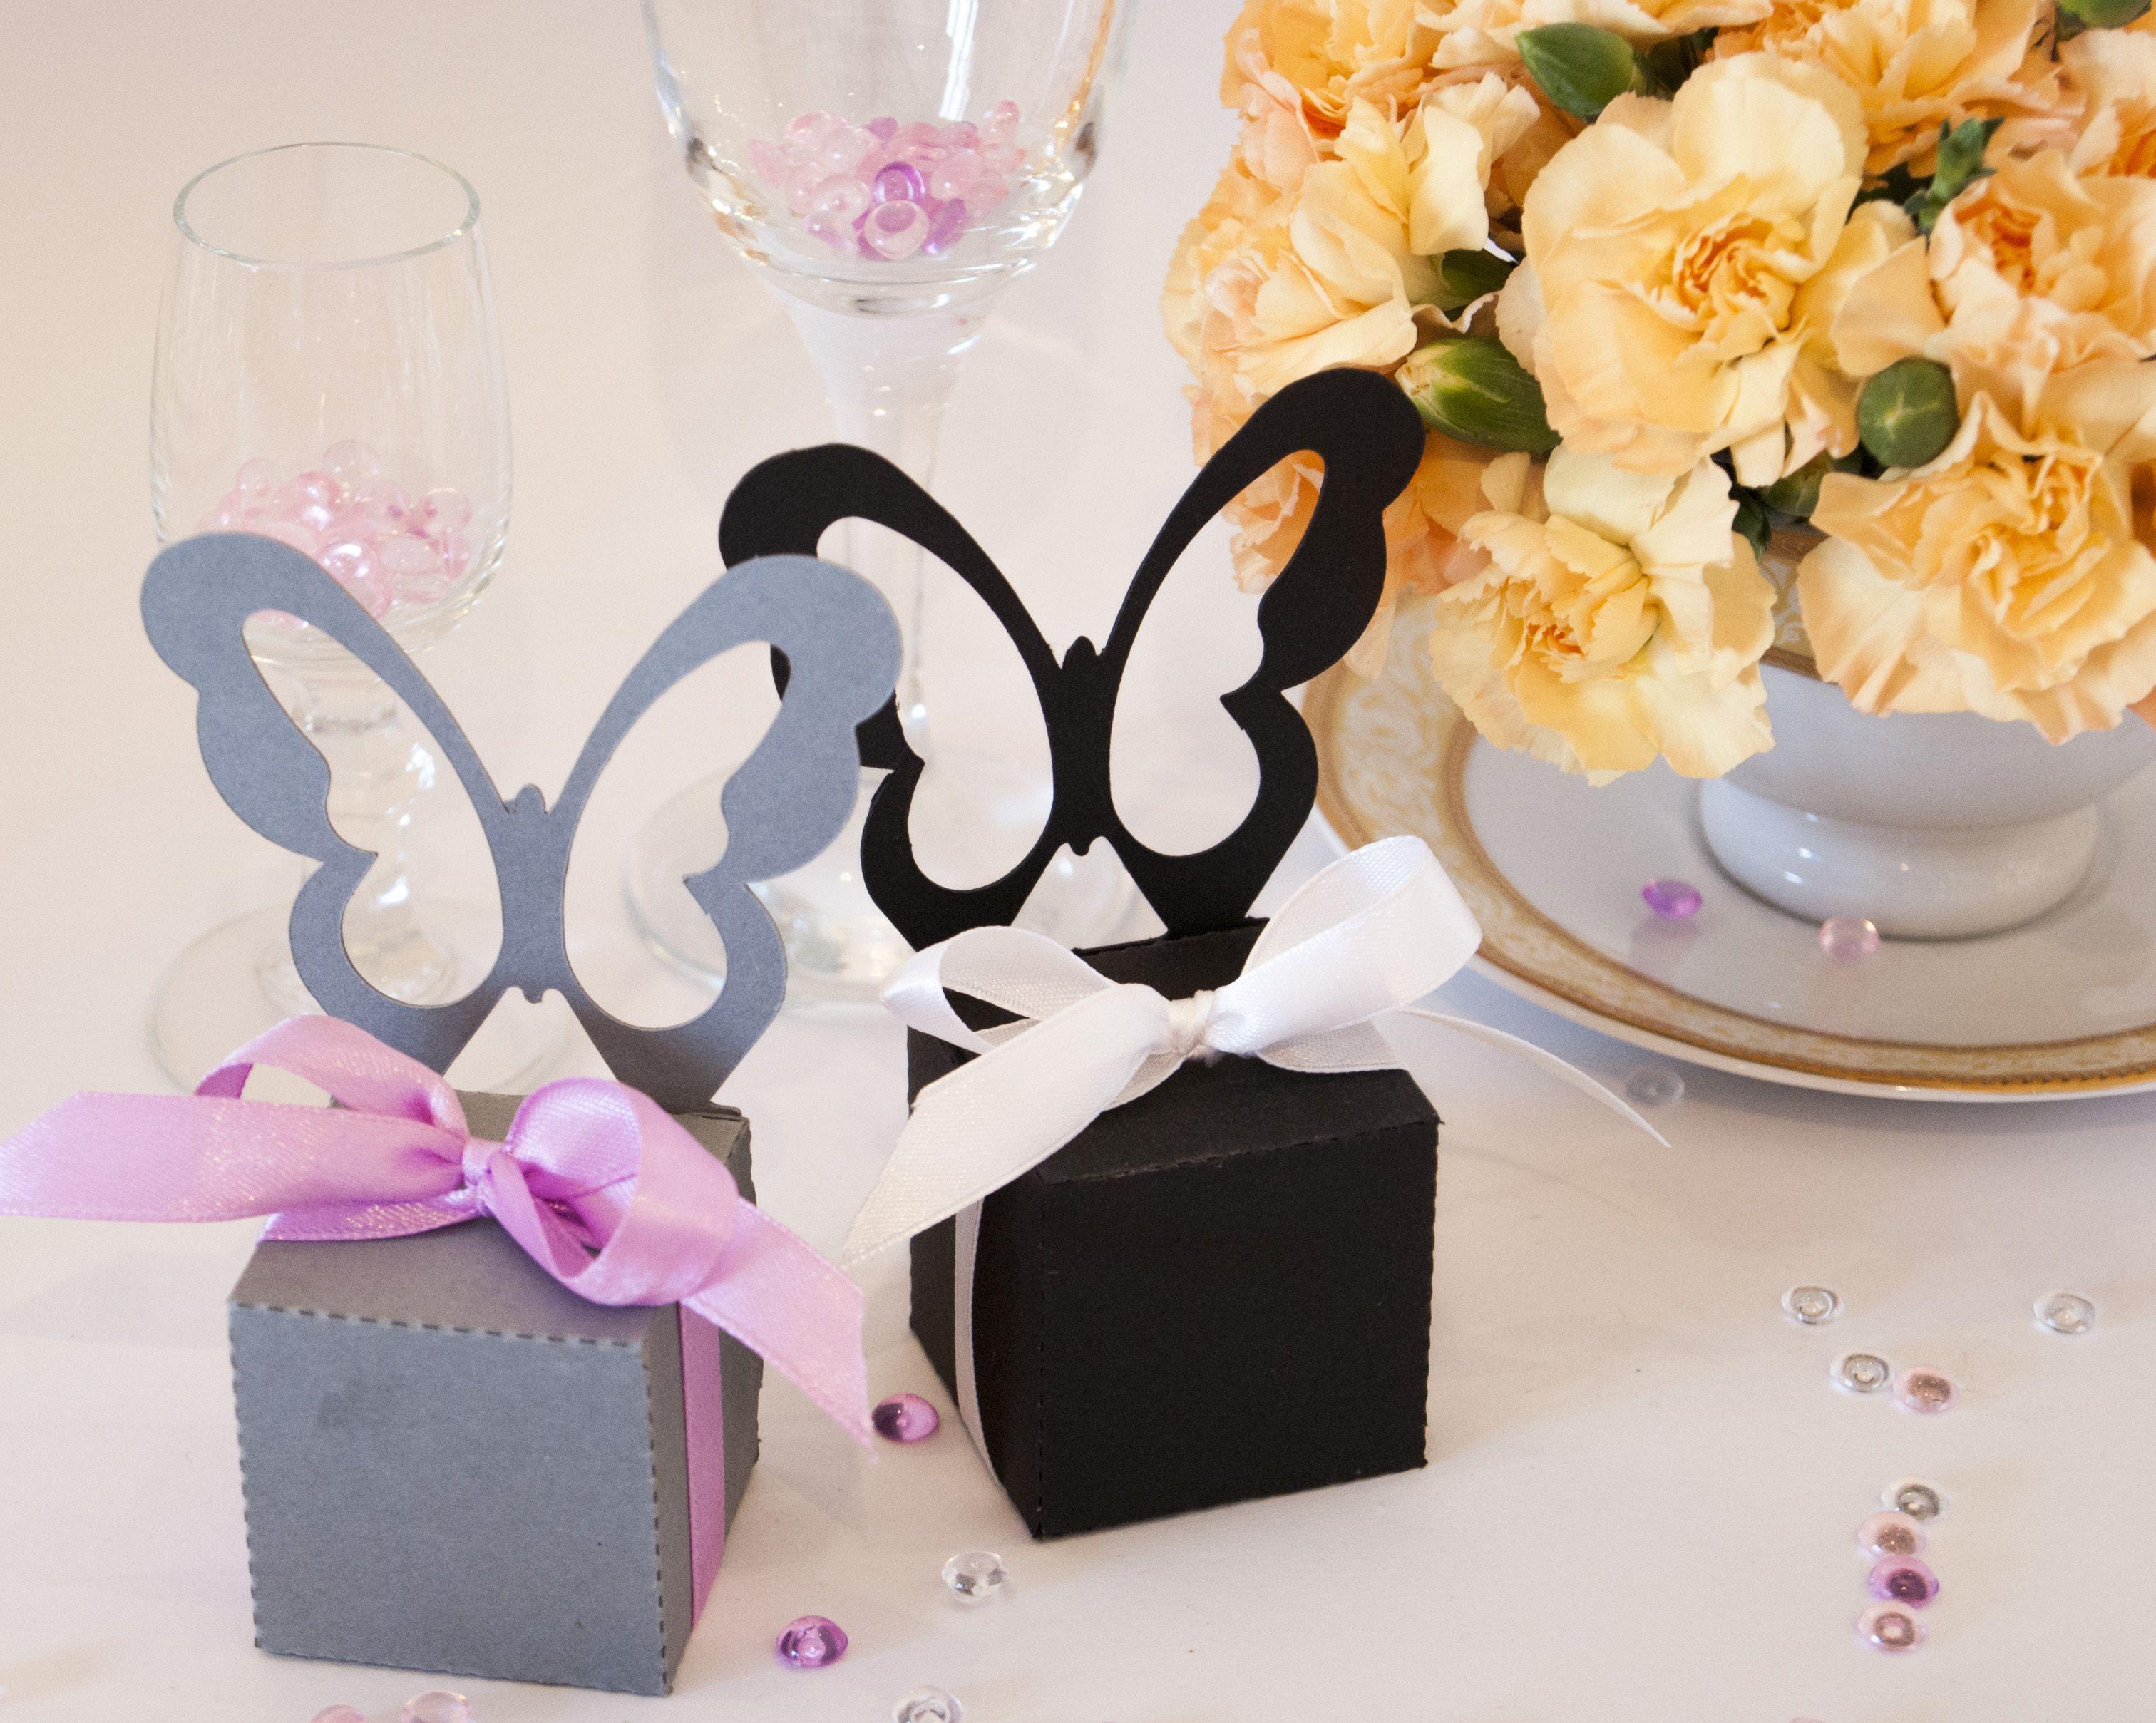 Login Allegro Slub Marzen Gg 48782731 Zapraszam Winietki Krzeselka Podziekowania Pudeleczka Slub Inspi Wedding Boxes Party Favor Boxes Butterfly Favors